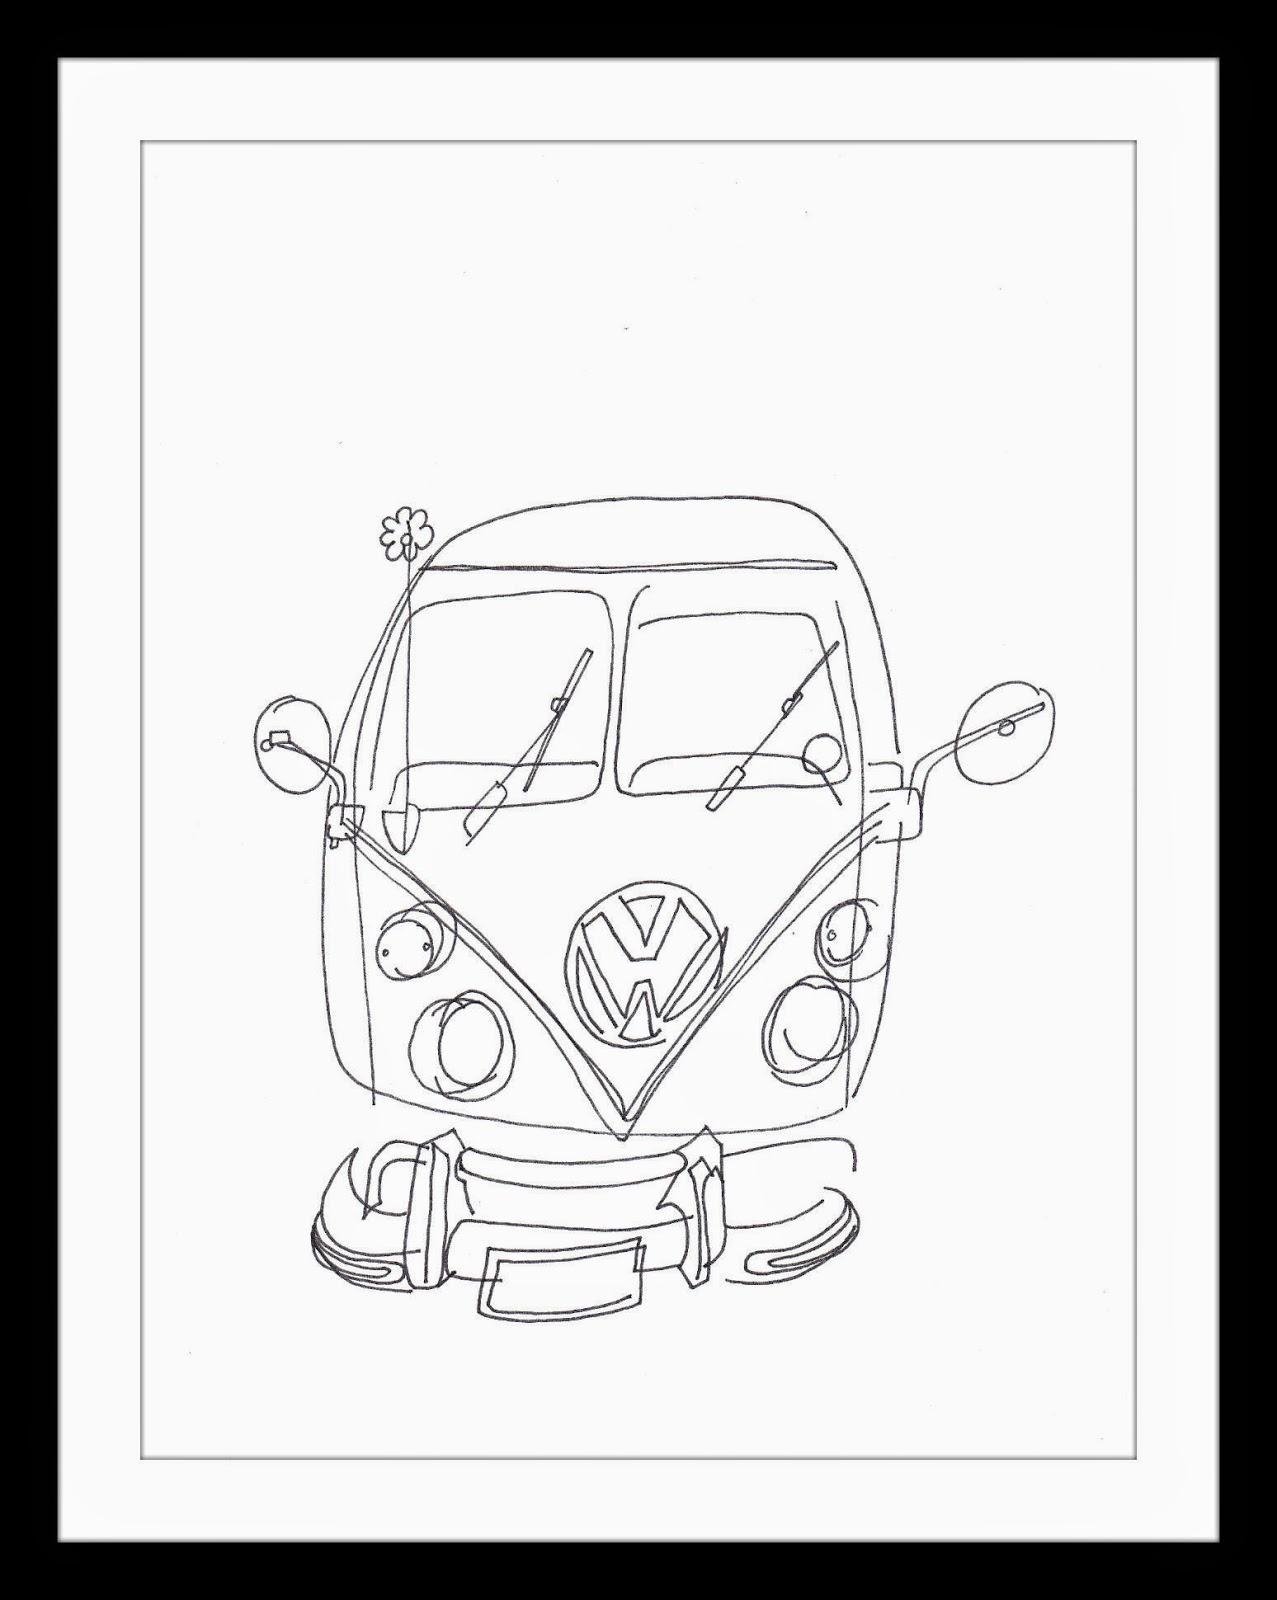 Vw Van Drawing At Getdrawings